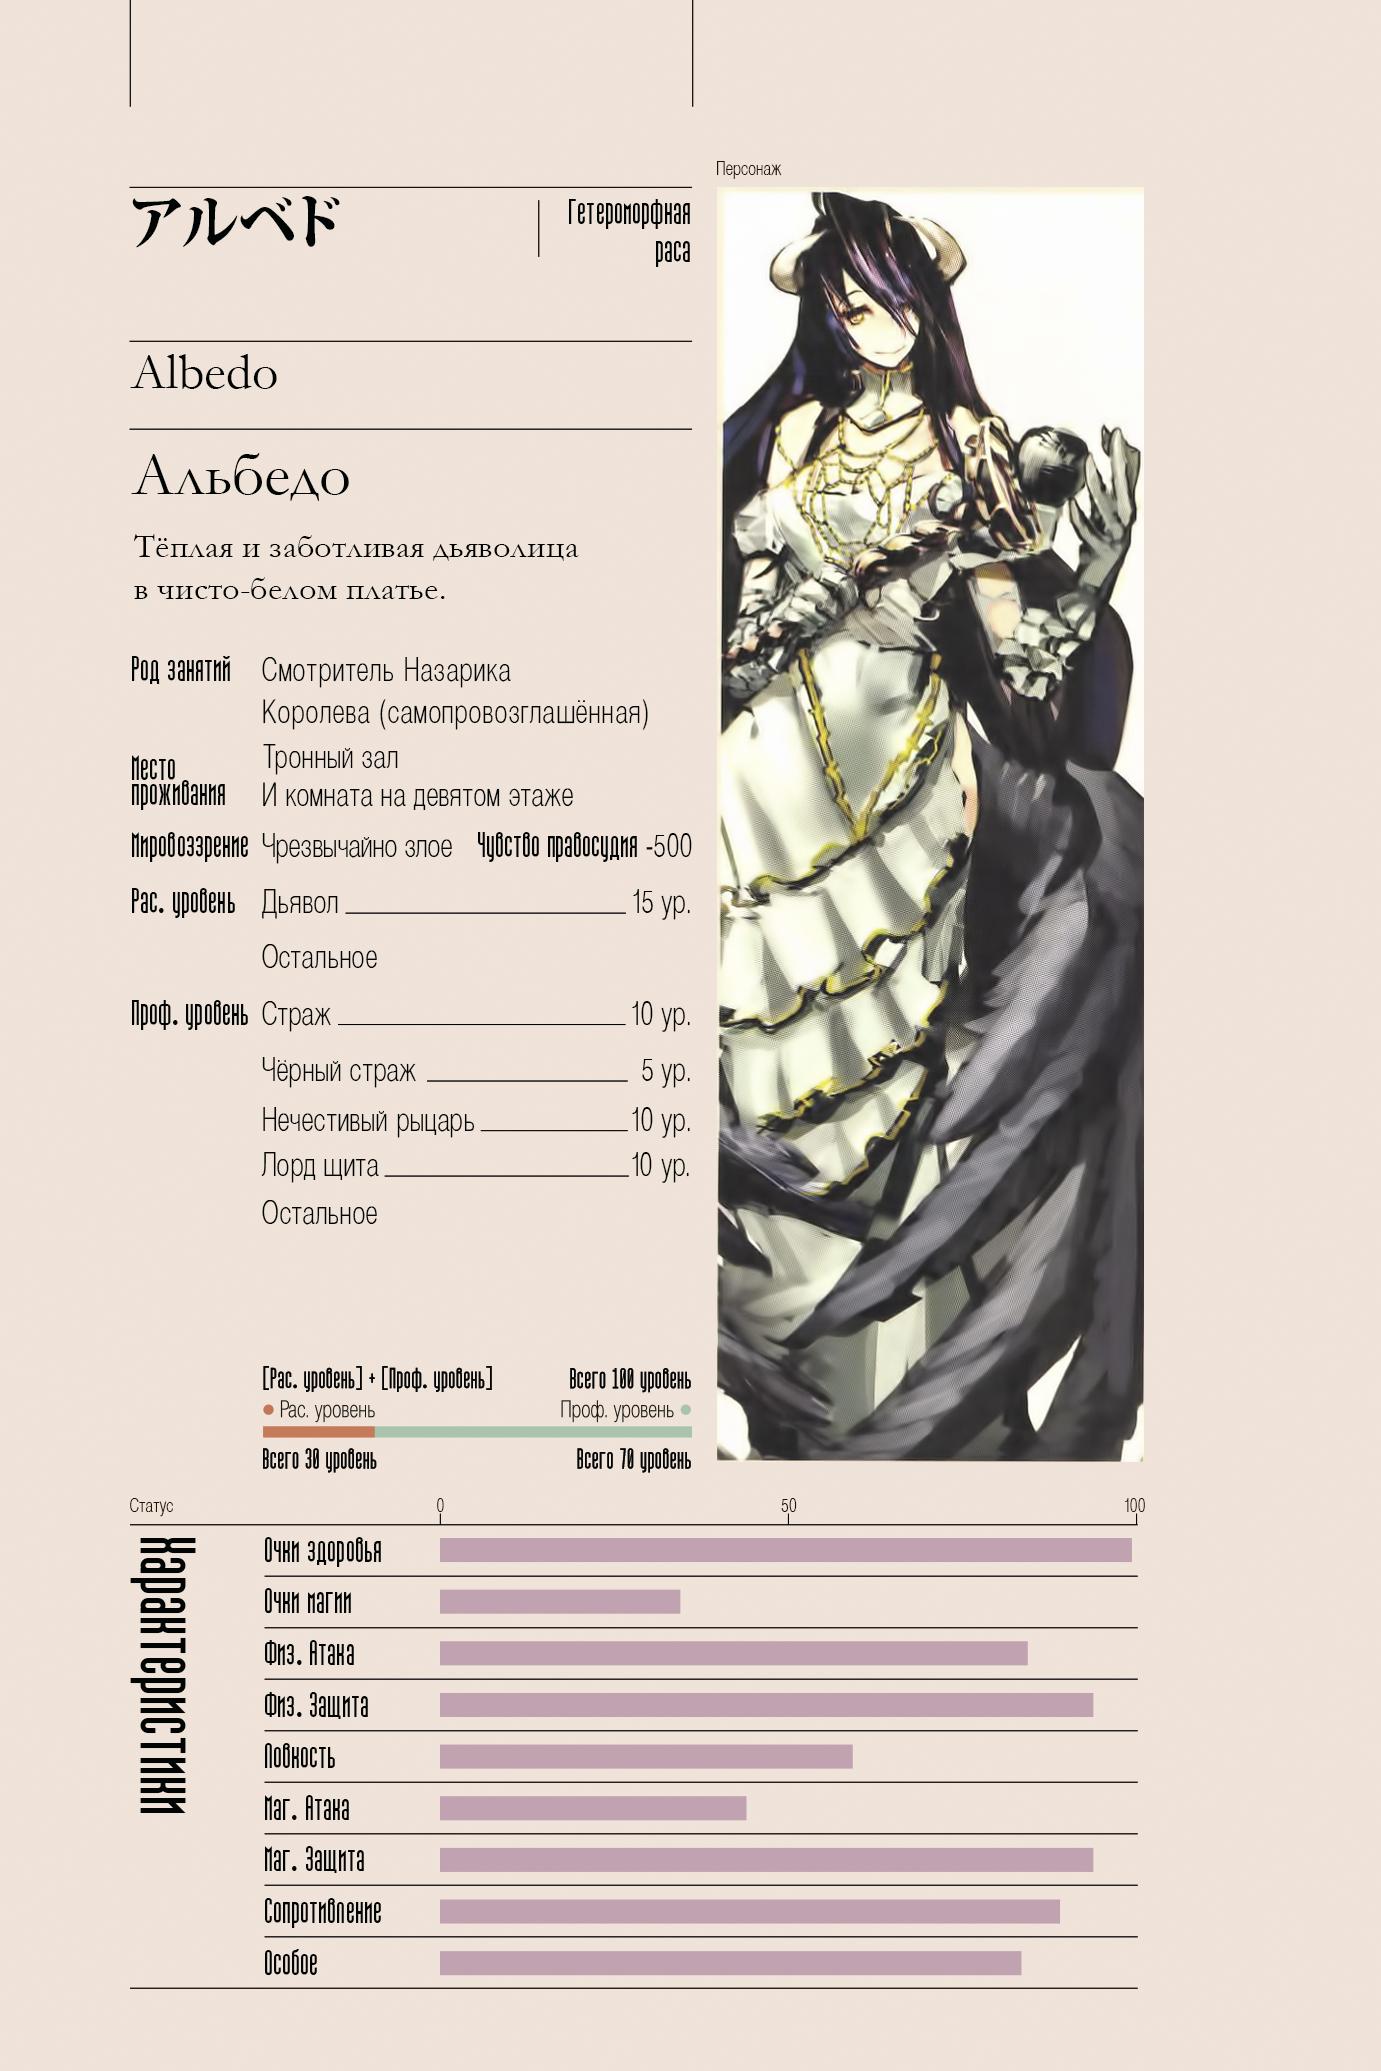 Альбедо/Силы и способности